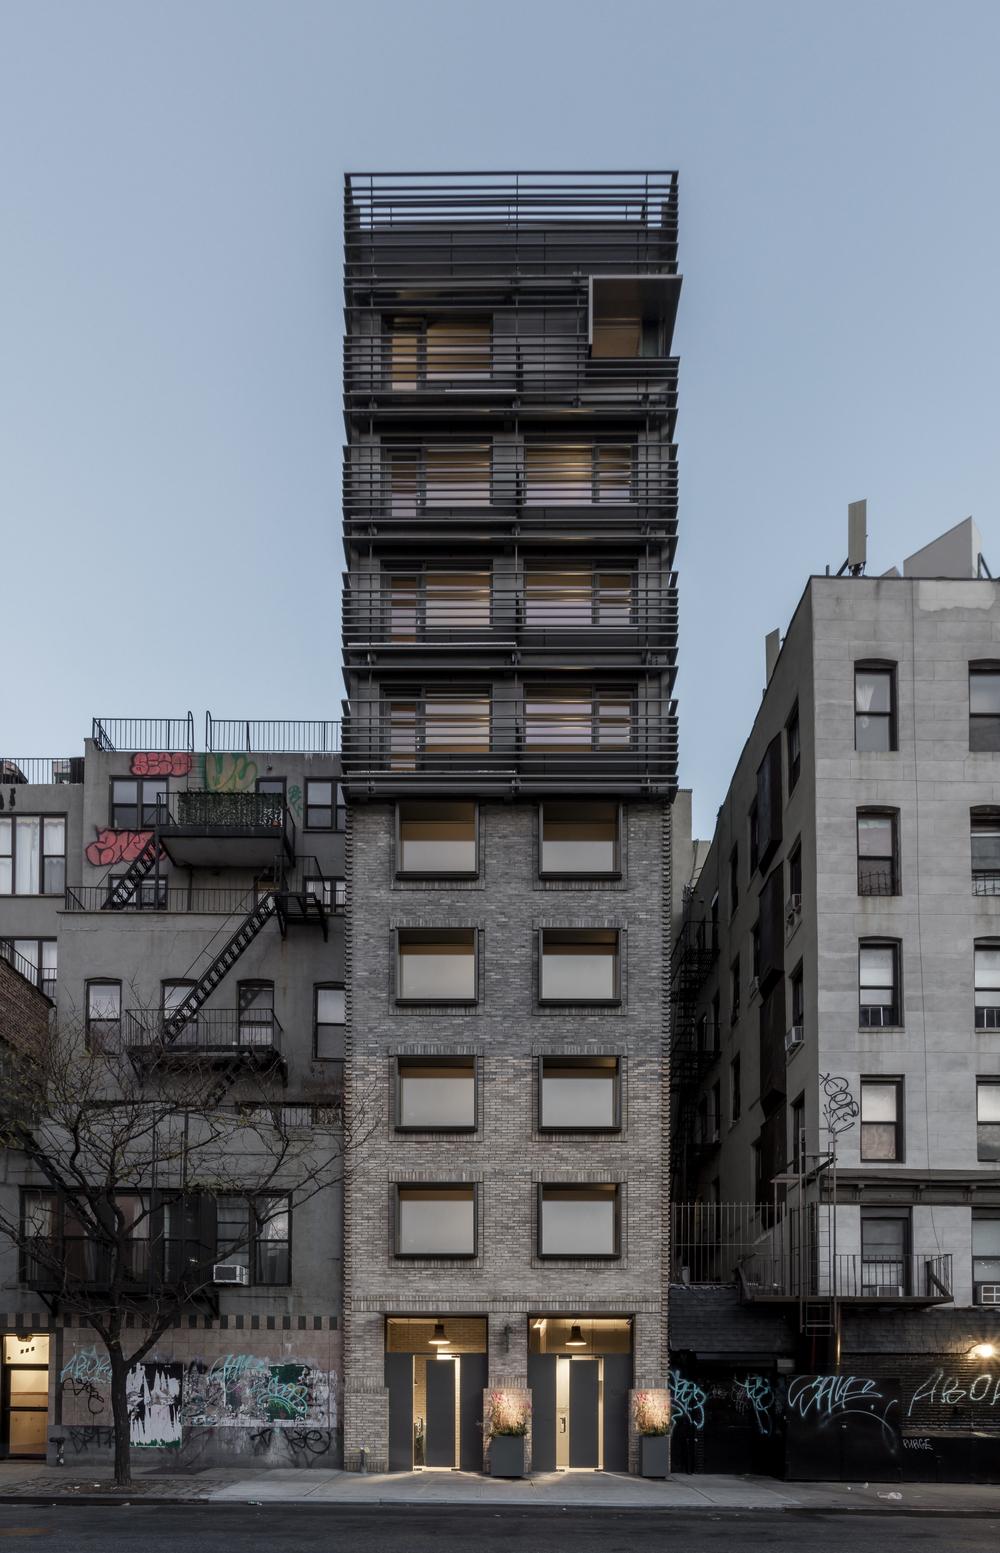 Orchard Street - External - 01.jpg